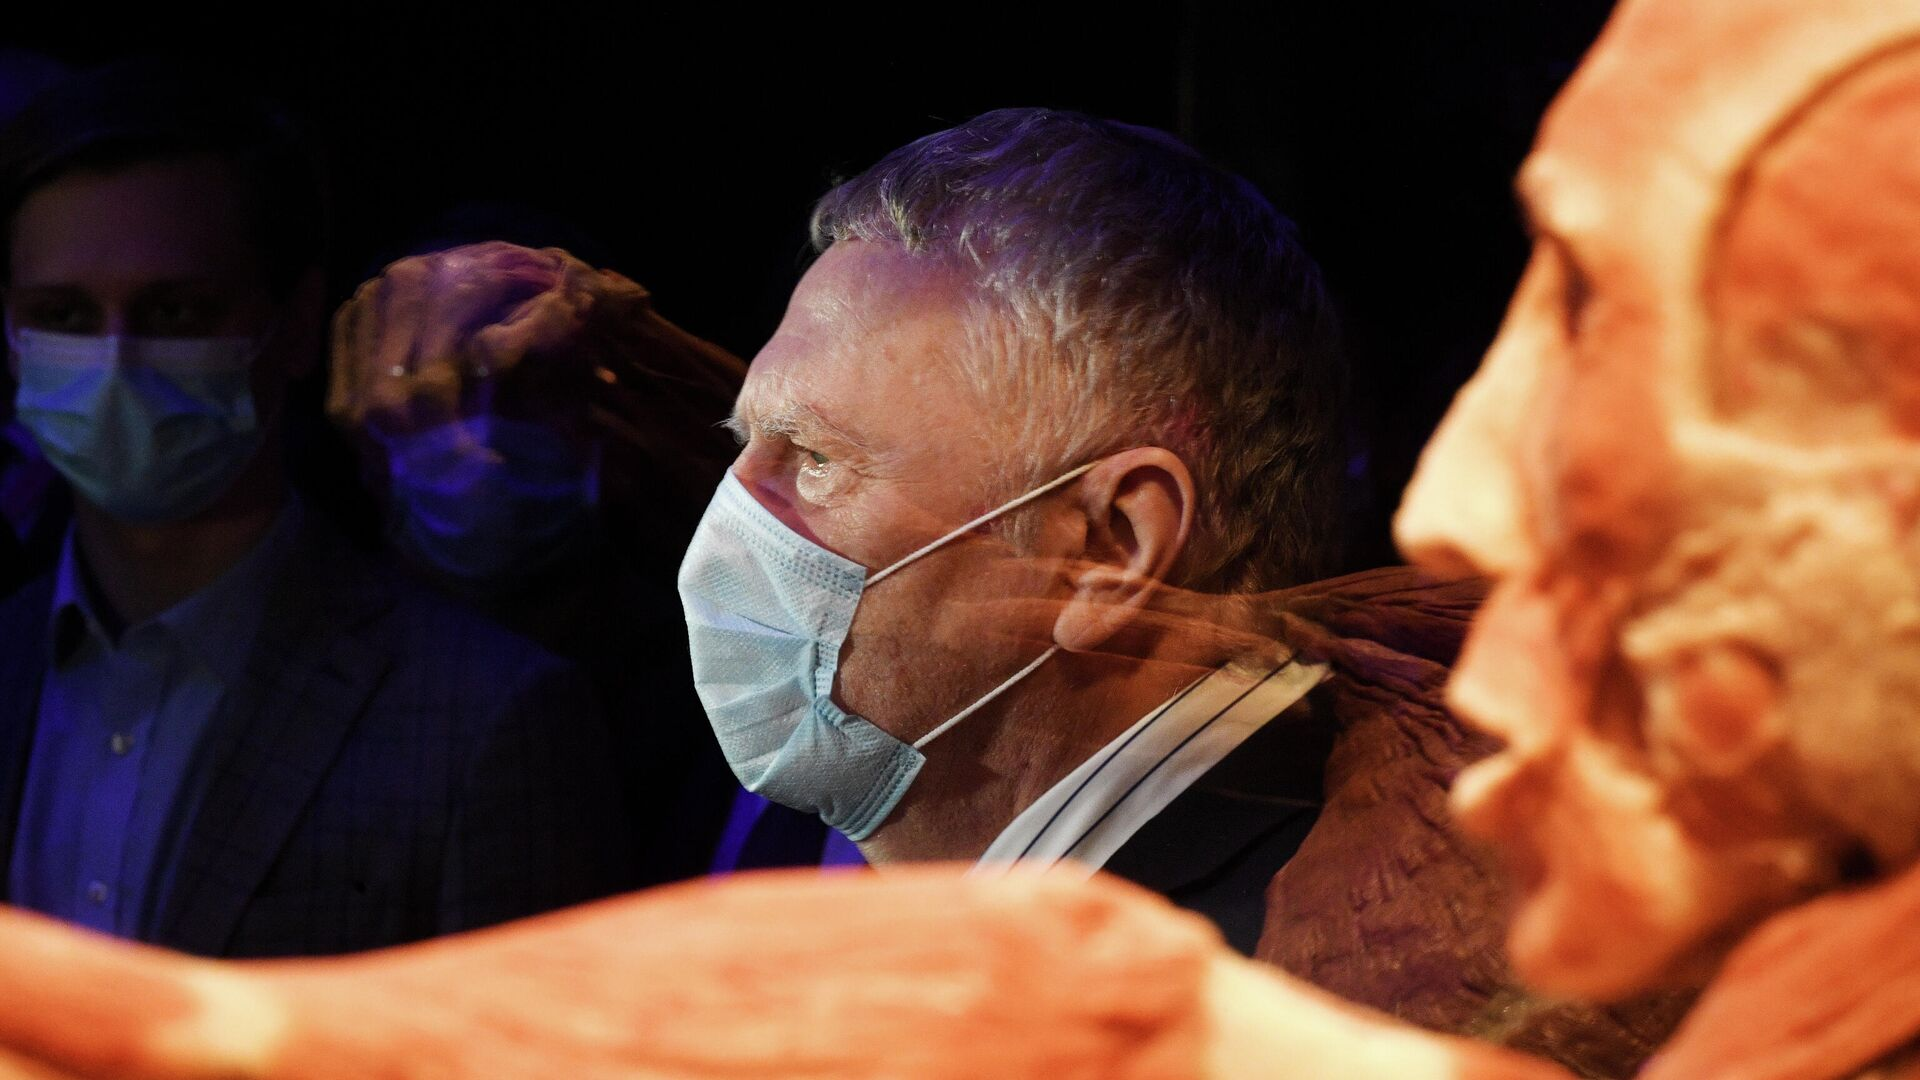 Лидер ЛДПР Владимир Жириновский во время посещения выставки Мир тела - РИА Новости, 1920, 18.05.2021